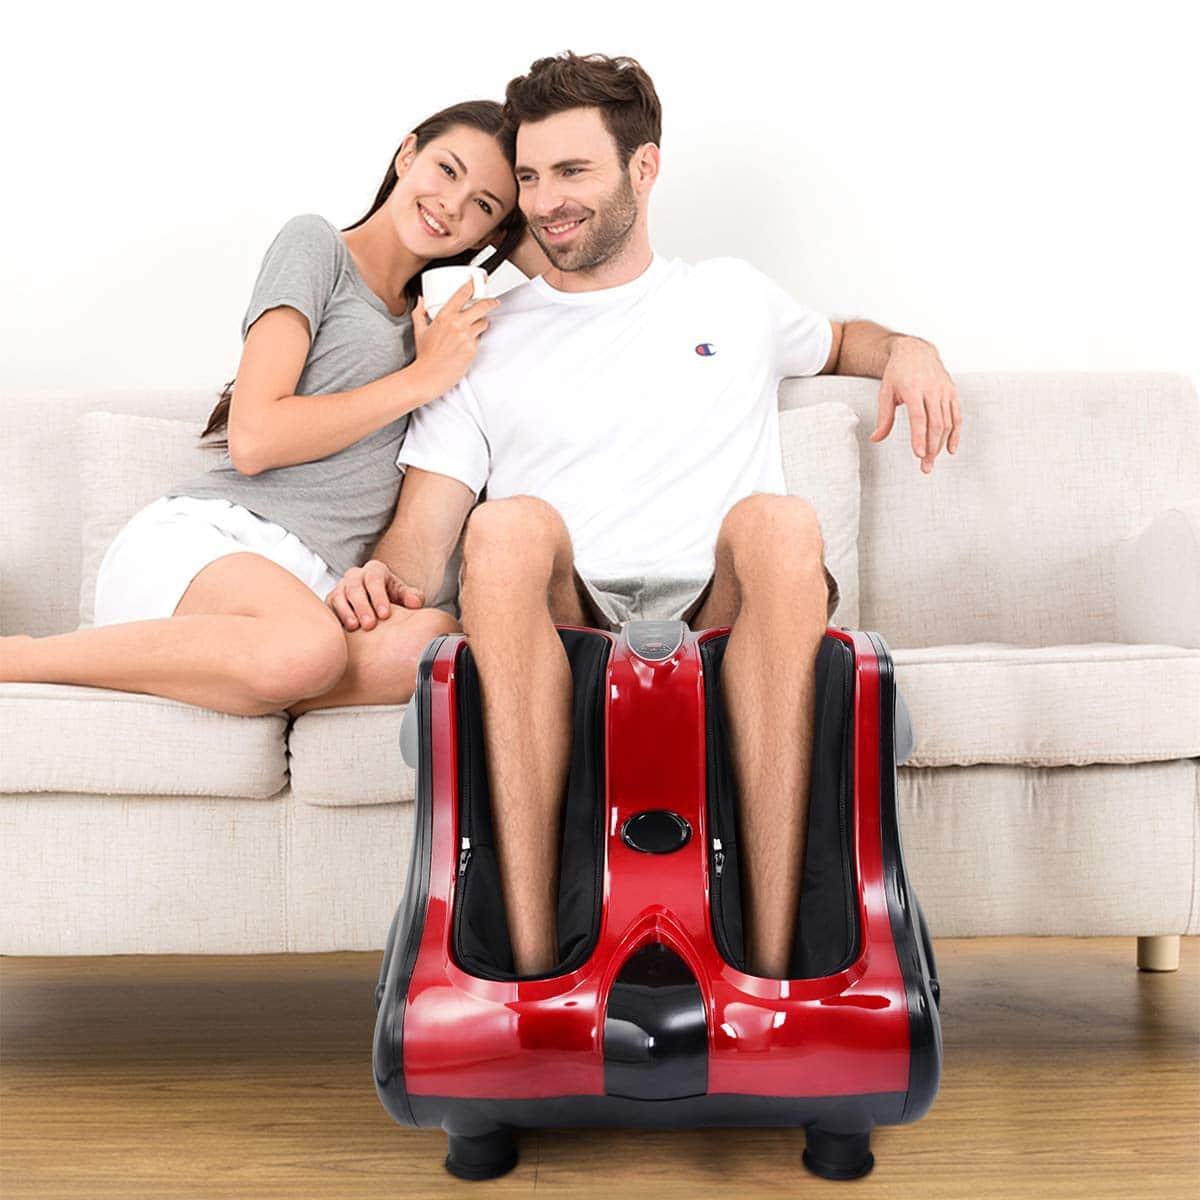 Giantex Shiatsu Heating Foot Massager